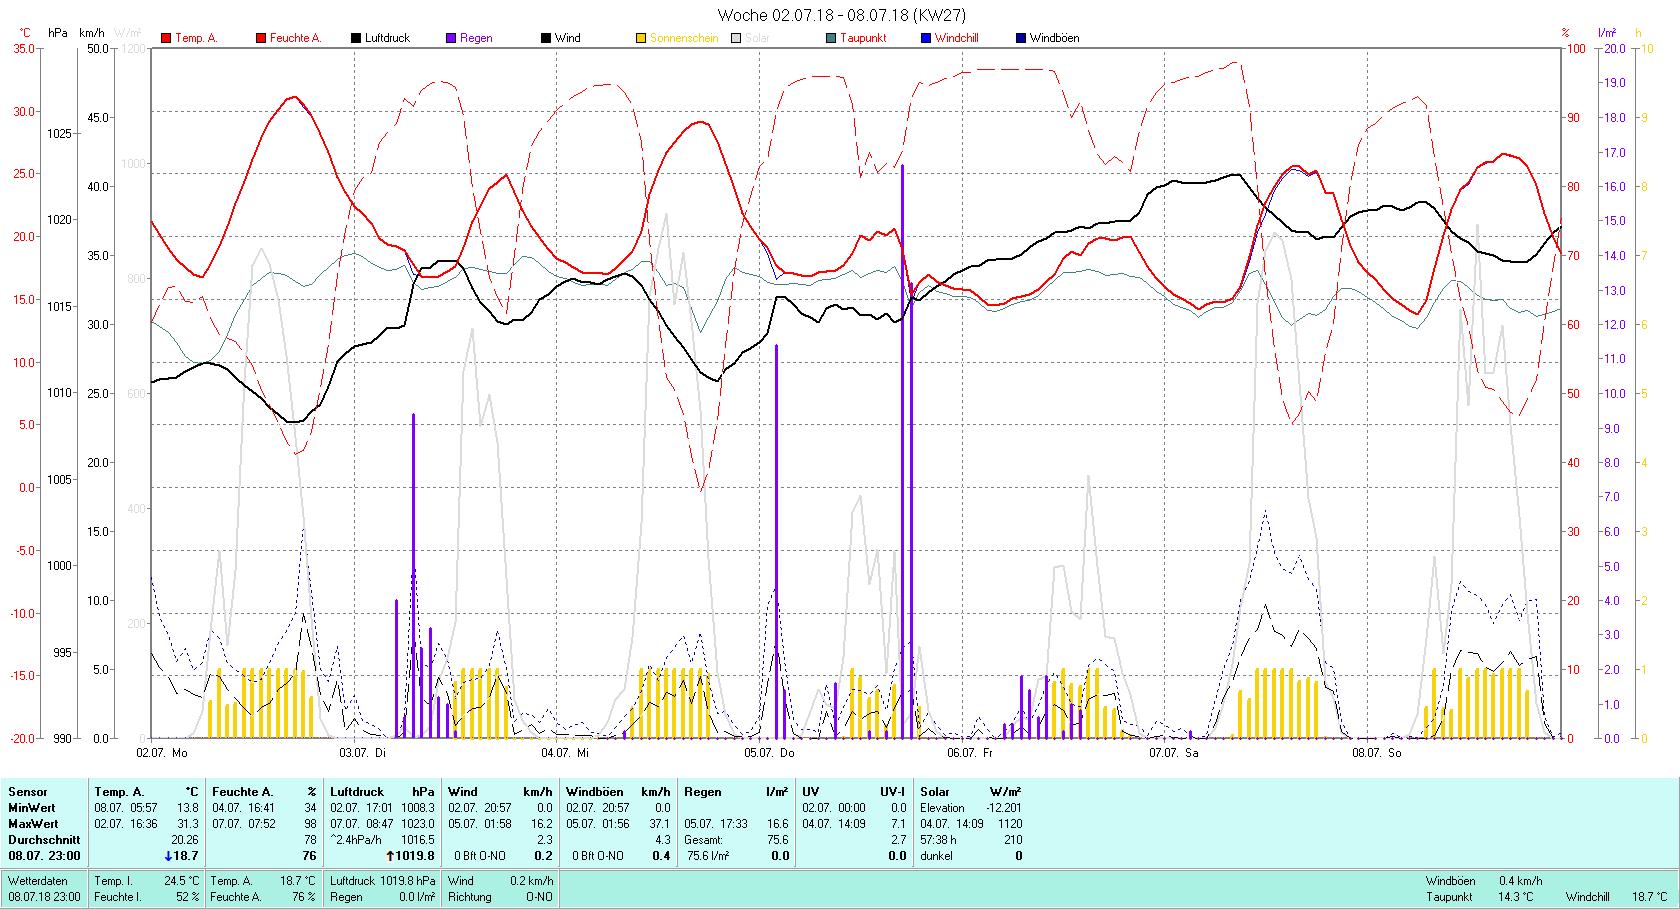 KW 27 Tmin 13.8°C, Tmax 31.3°C, Sonne 57:38 h Niederschlag 16.6 mm2